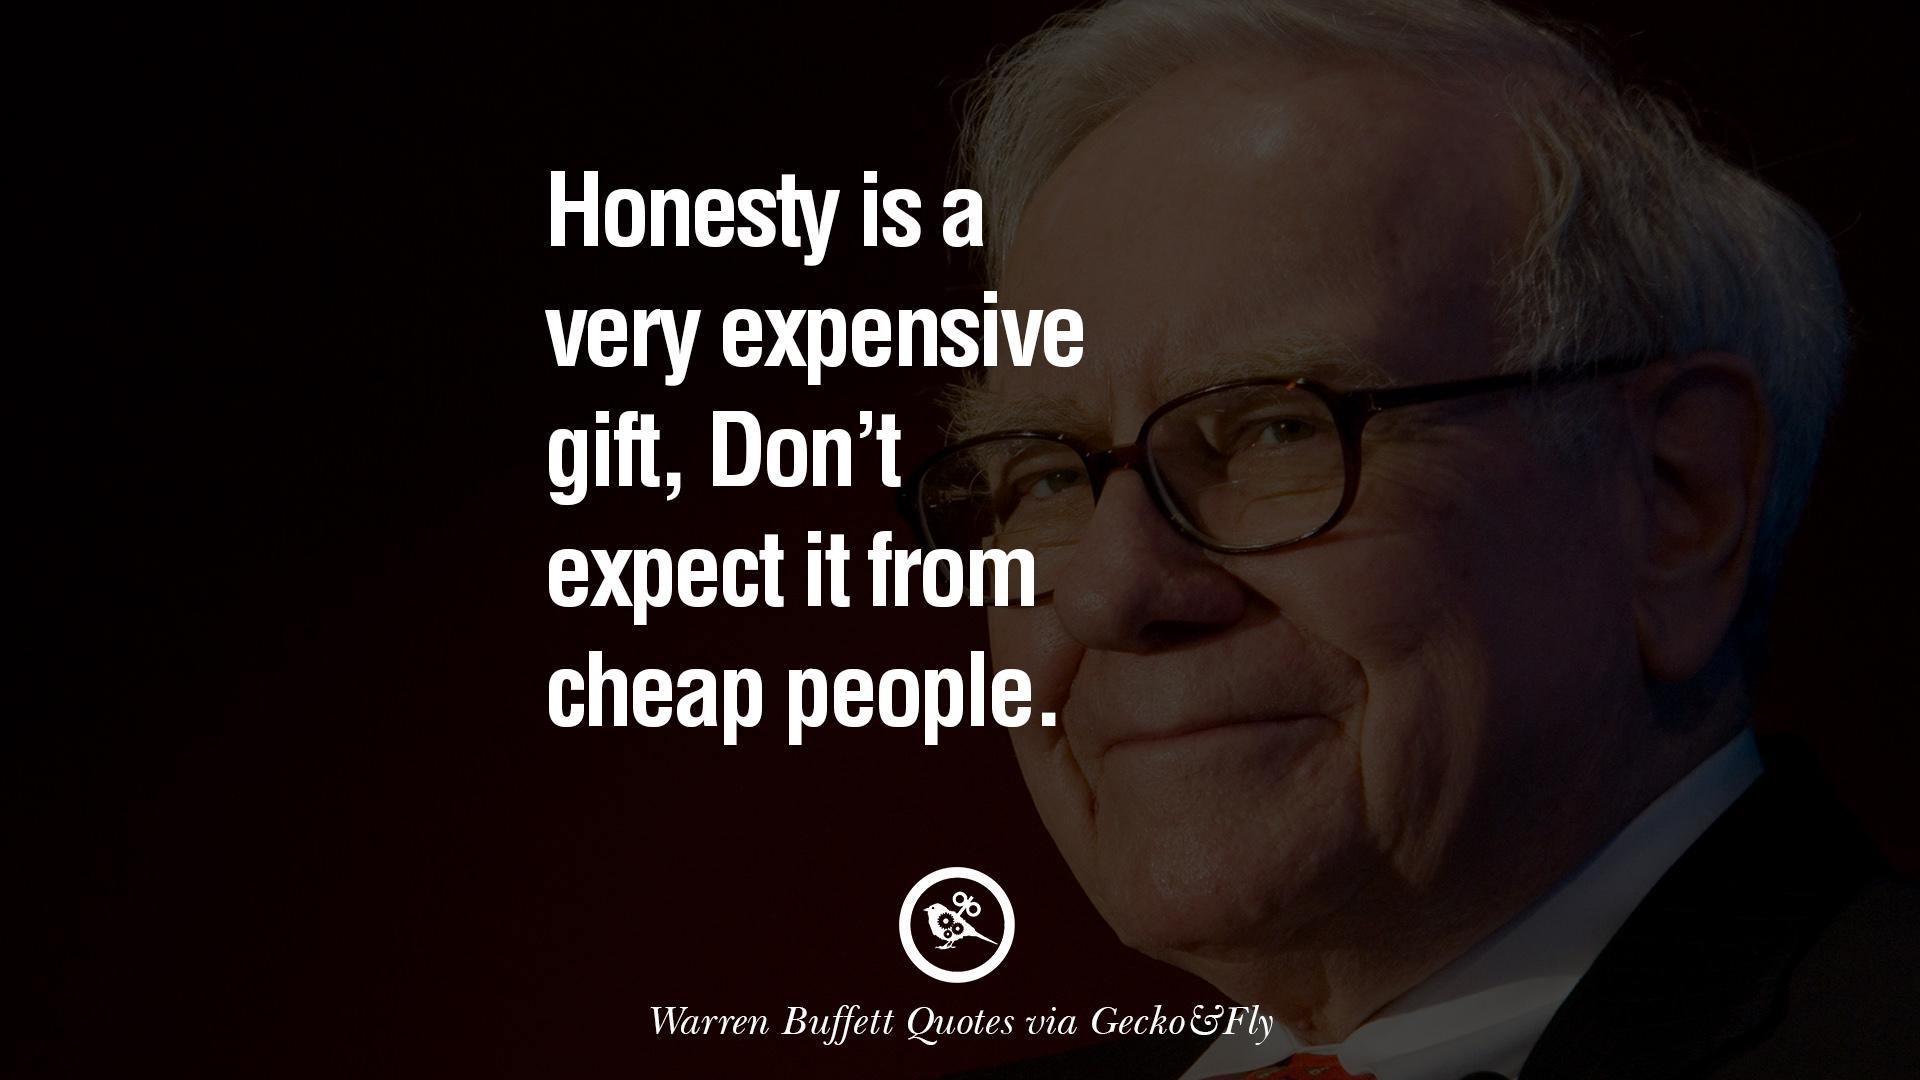 Warren buffet on honesty – life changing meme